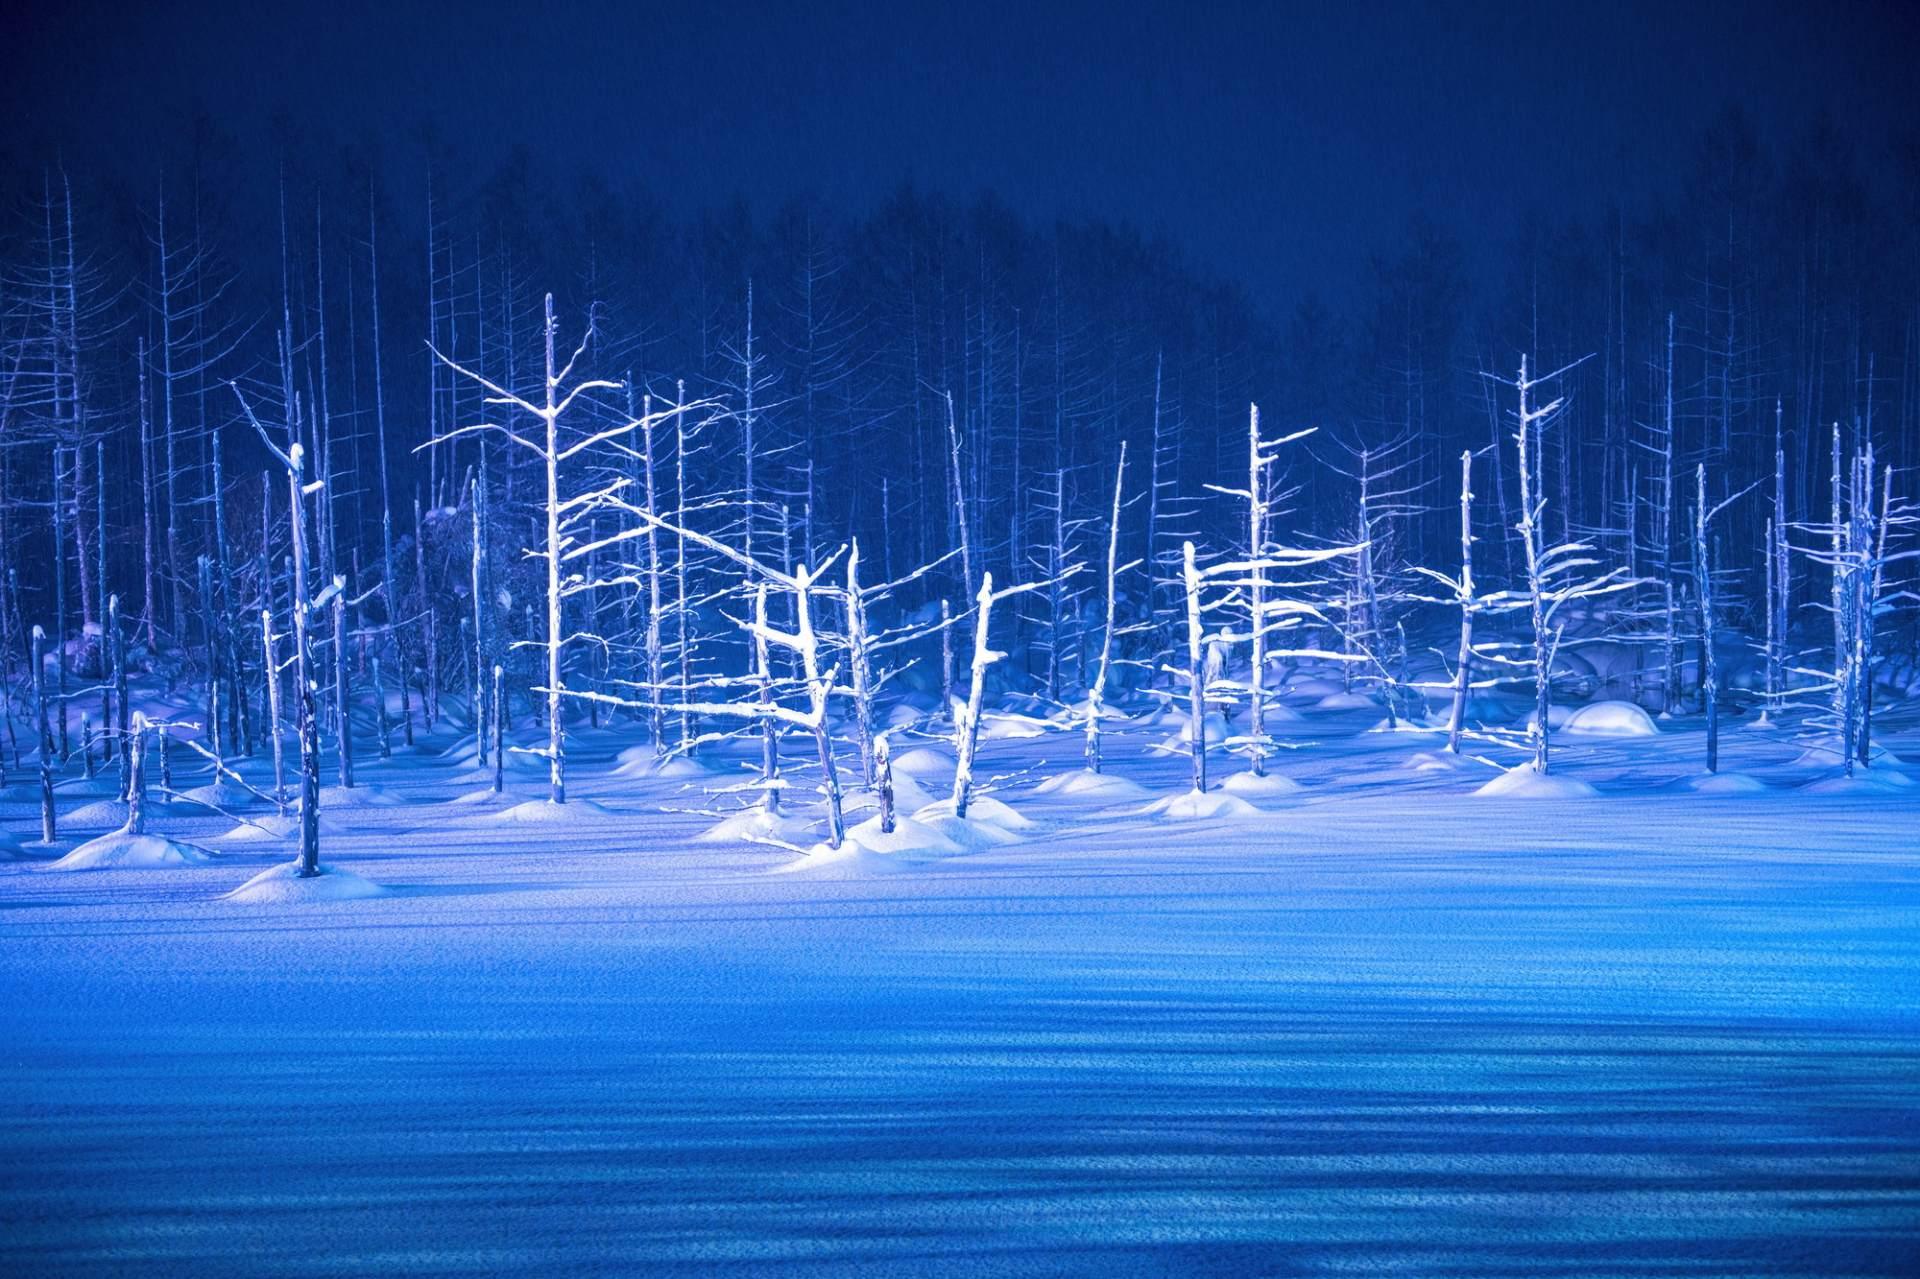 「青池」的冬日雪景具有神秘的美感